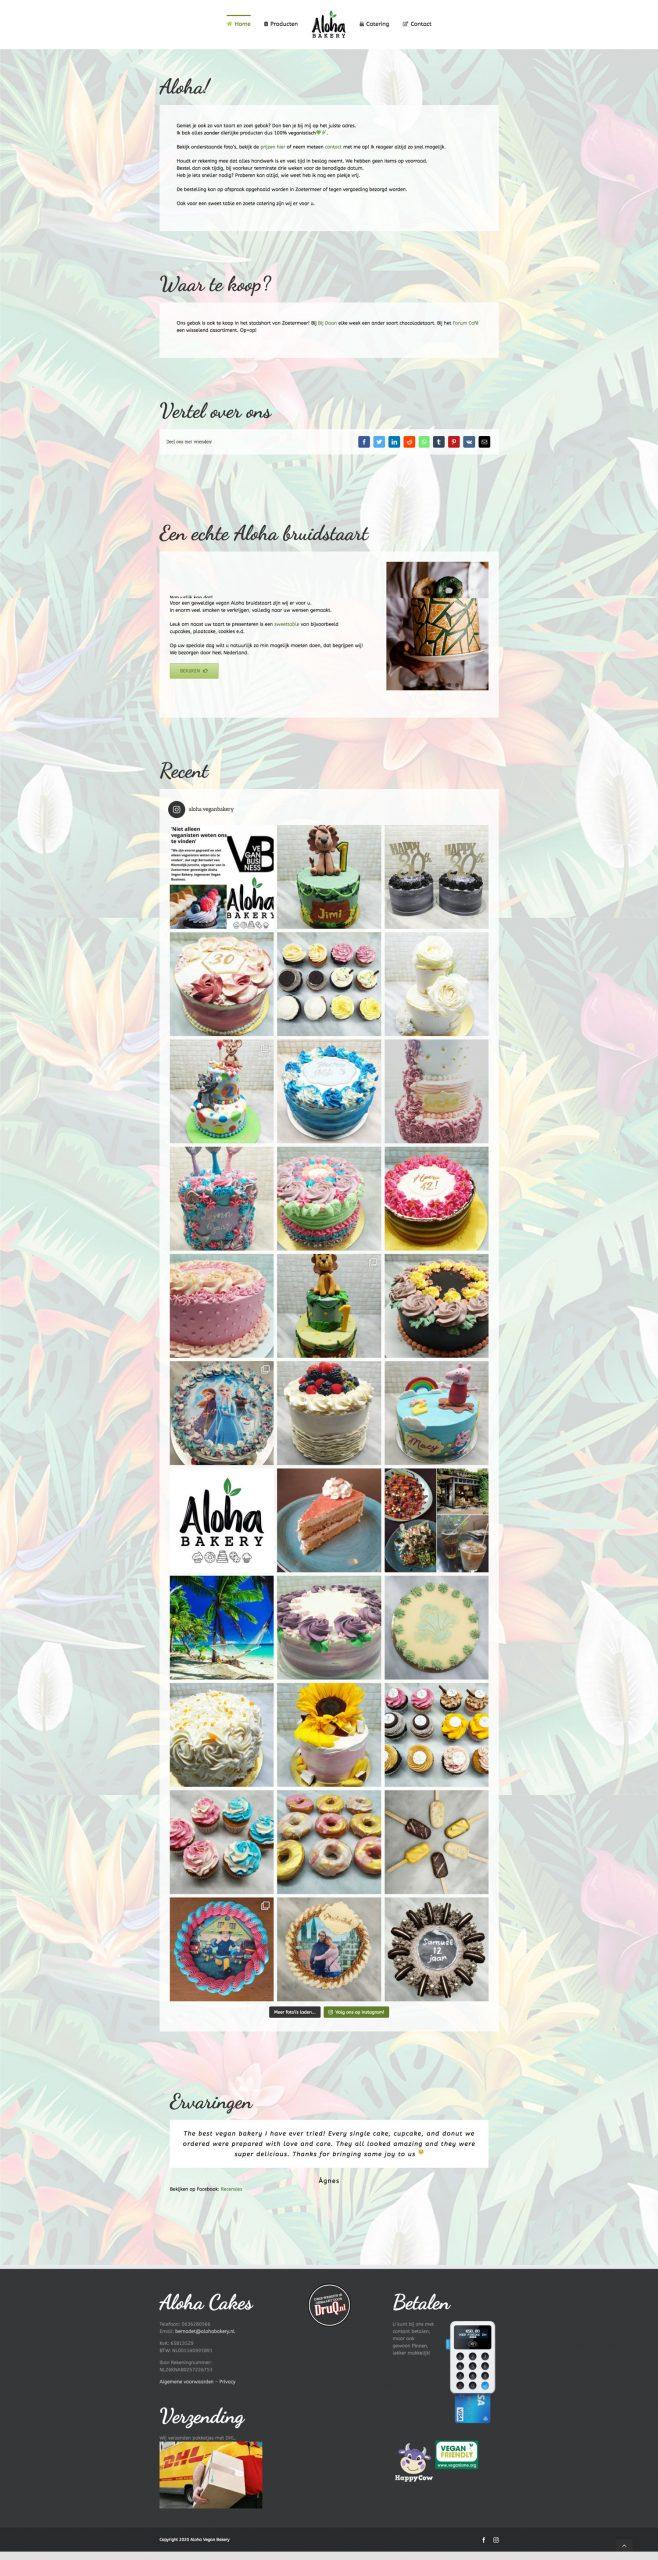 Aloha Bakery